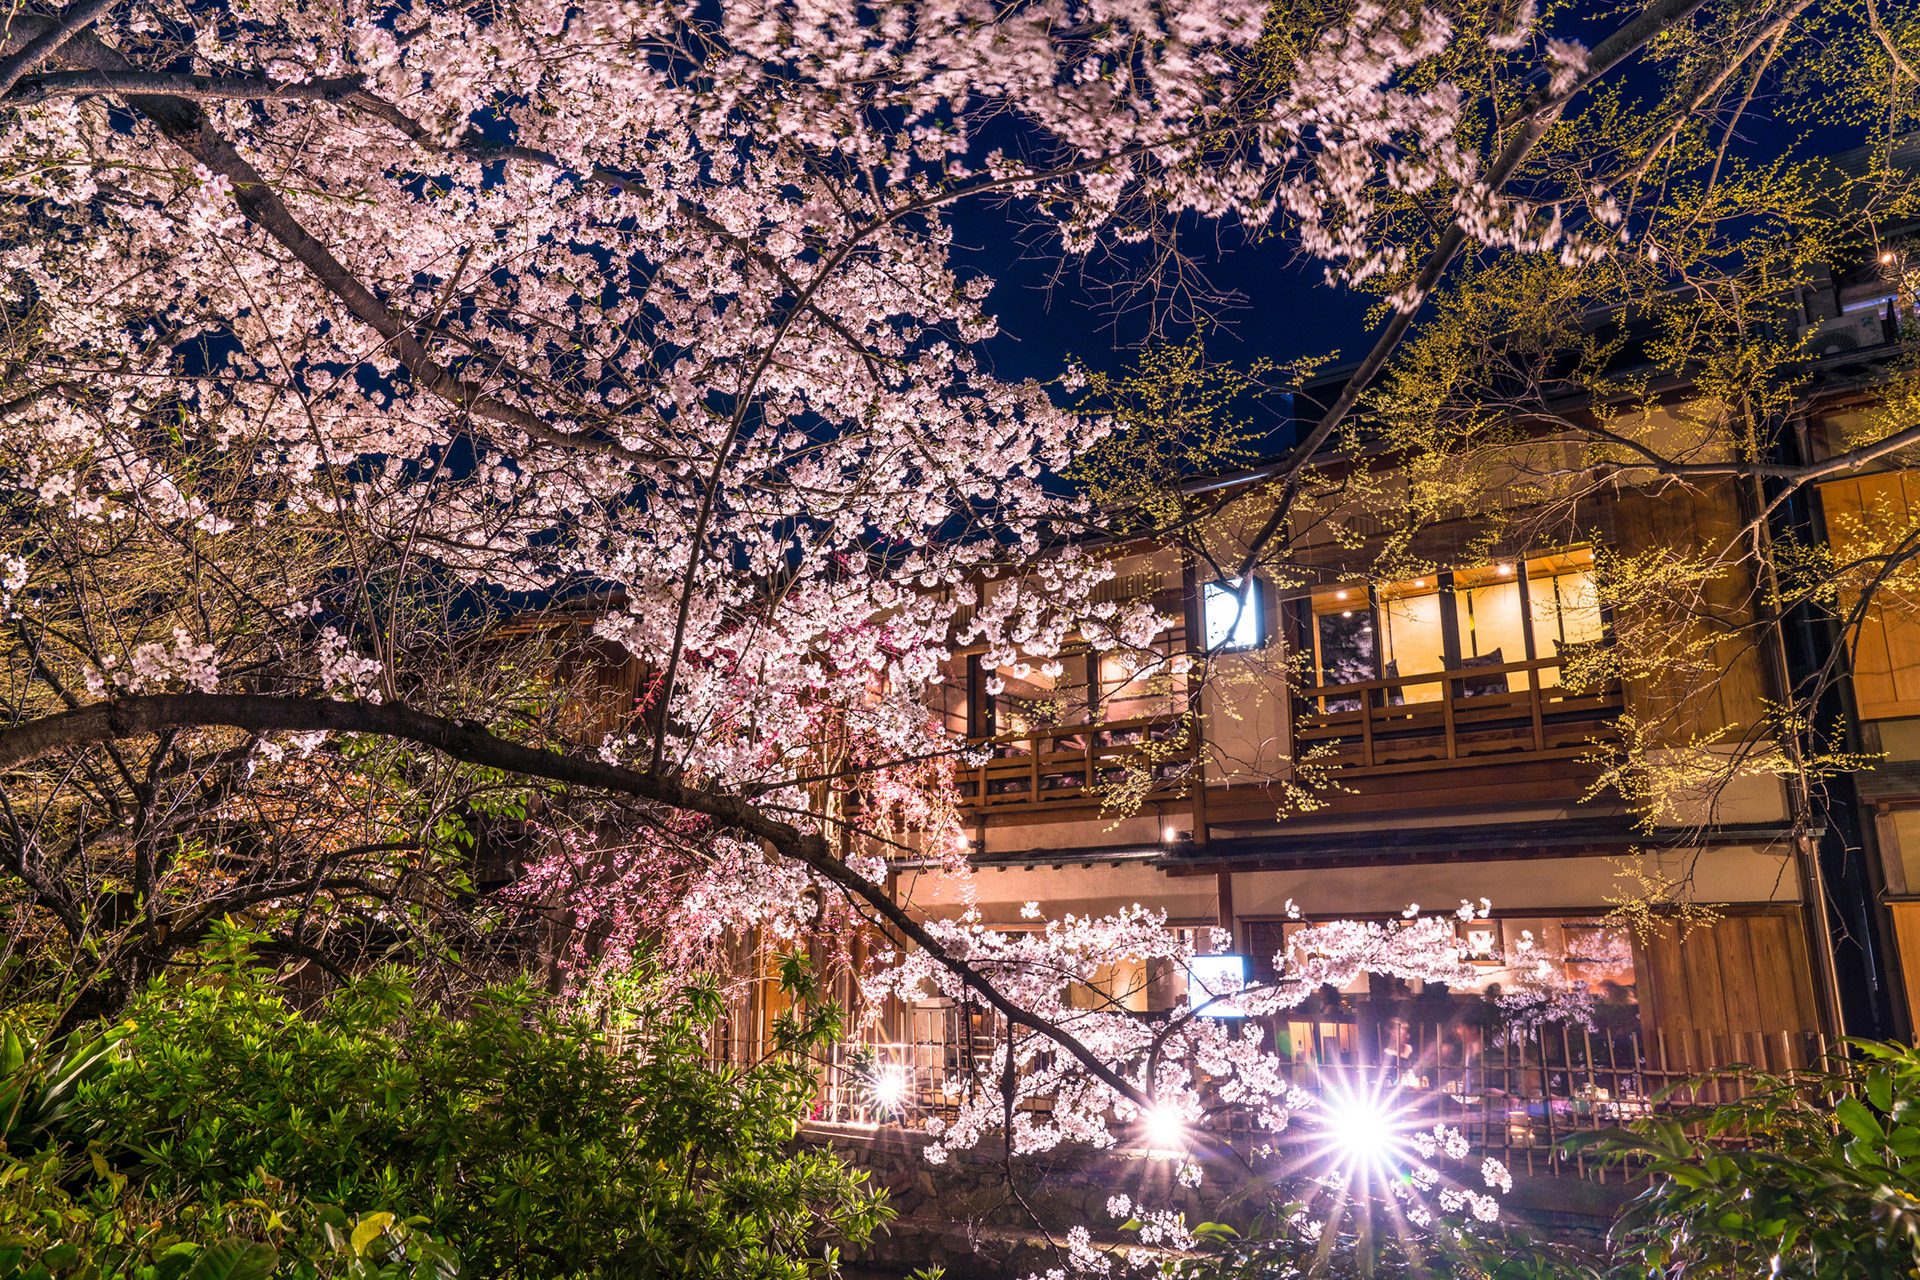 京都-桜-ライトアップ-イメージ